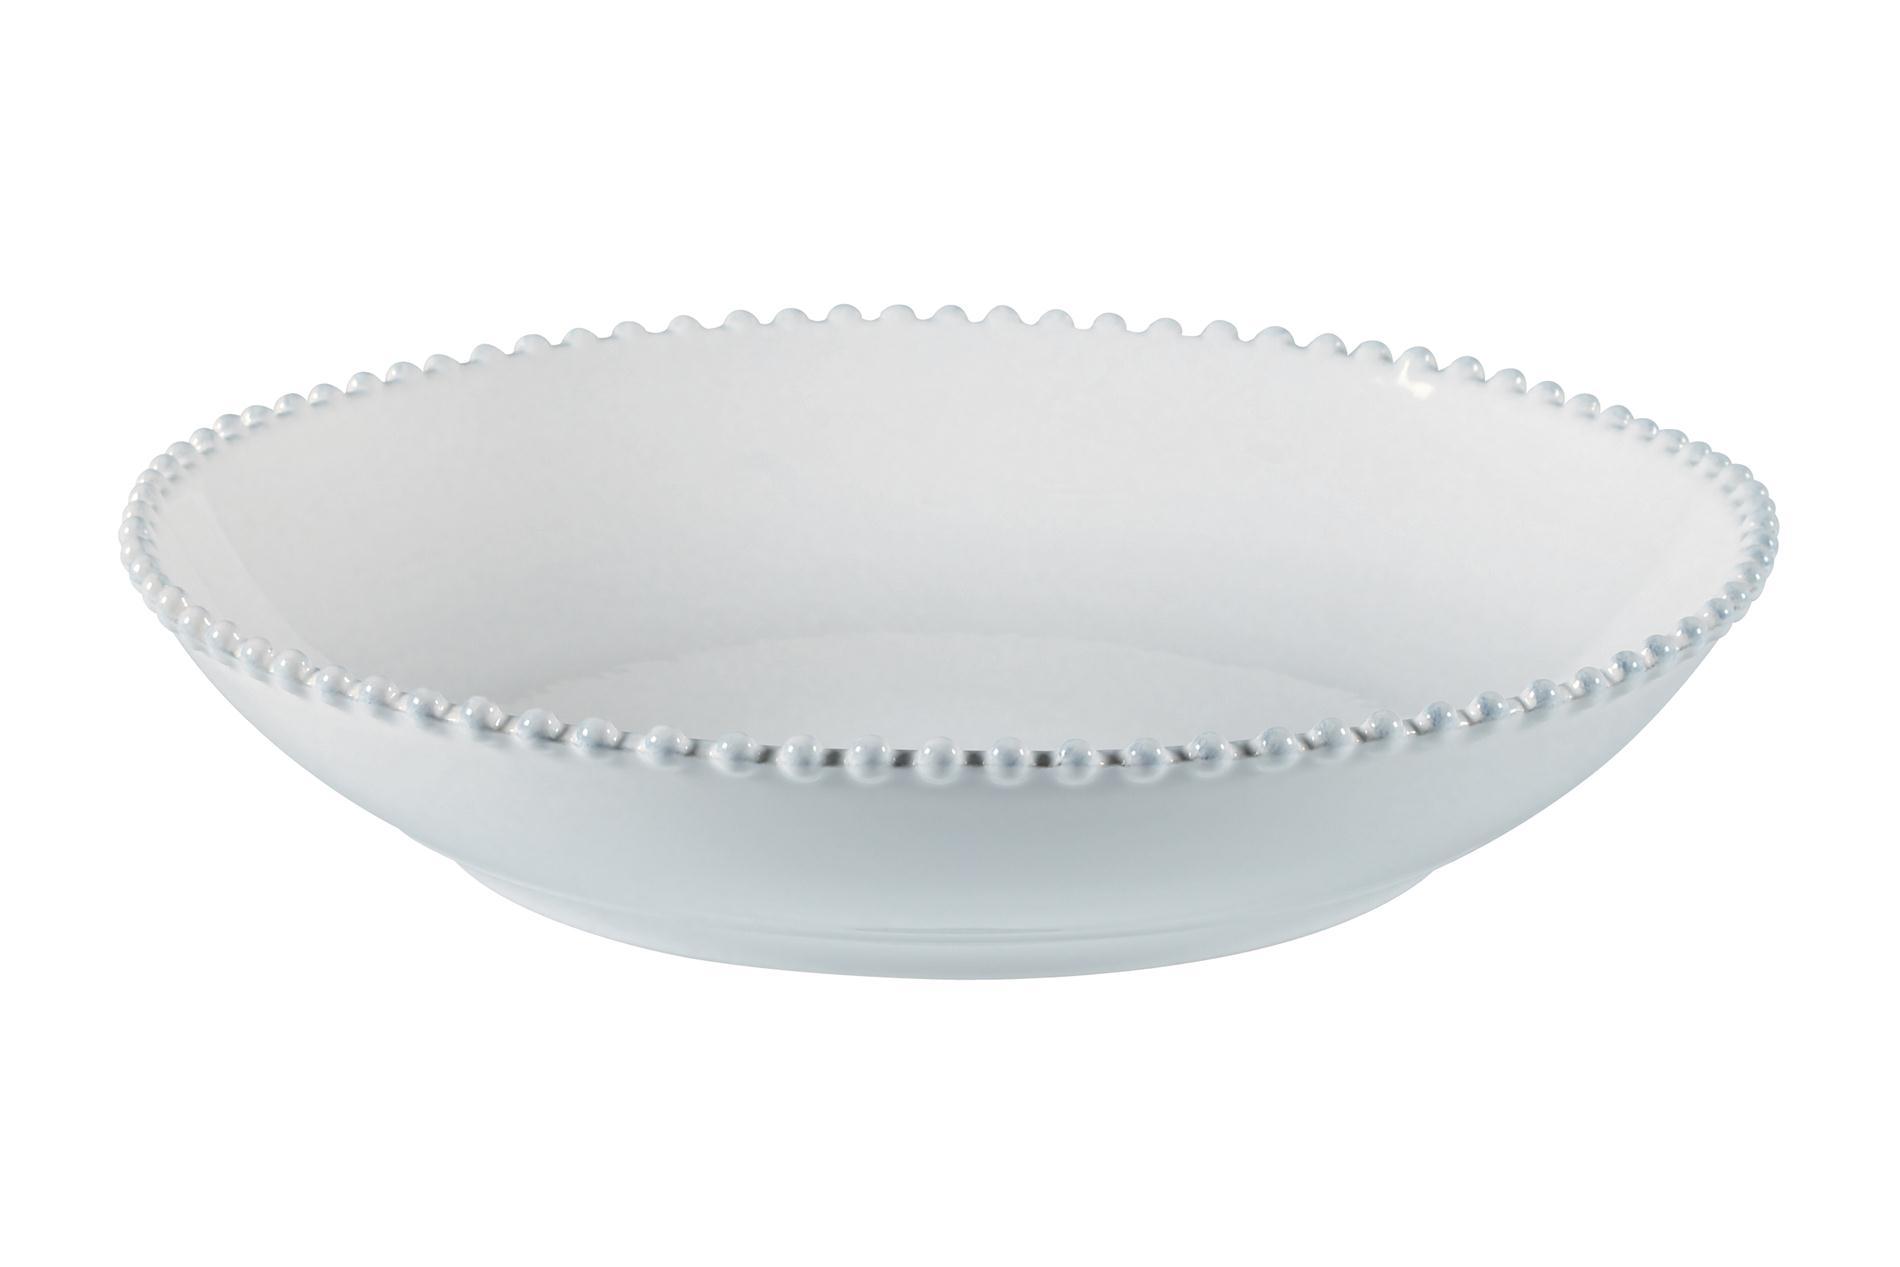 Pastaschale/Pastaschüssel Pearl weiß, 34 cm